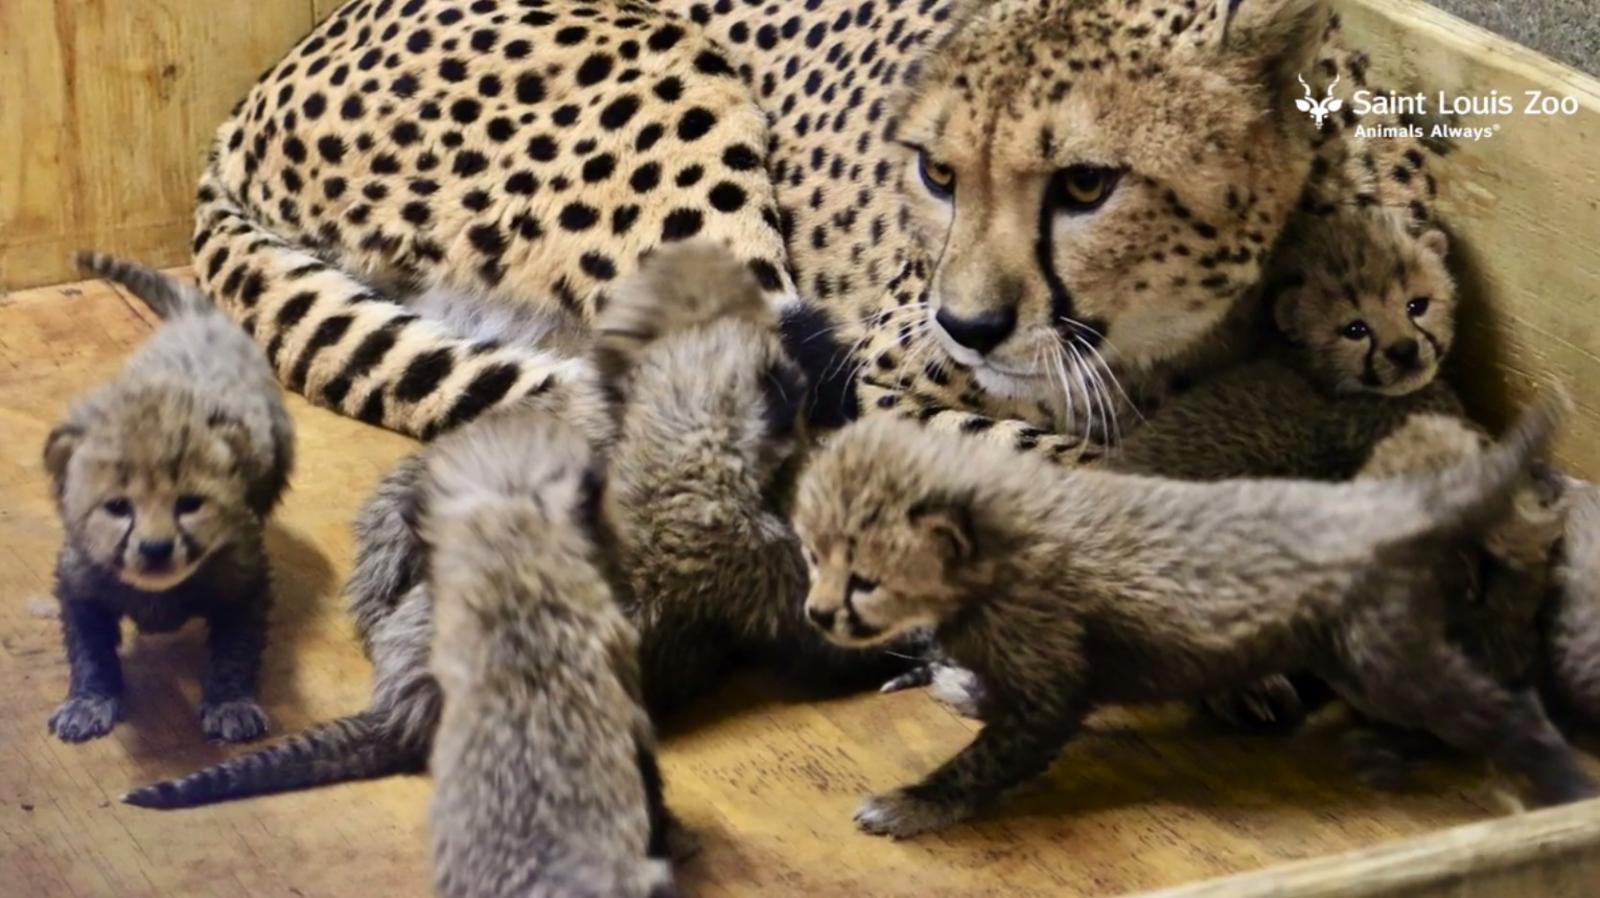 ลูกเสือชีตาห์เกิดใหม่ 8 ตัว ทำลายสถิติสวนสัตว์ในสหรัฐฯ